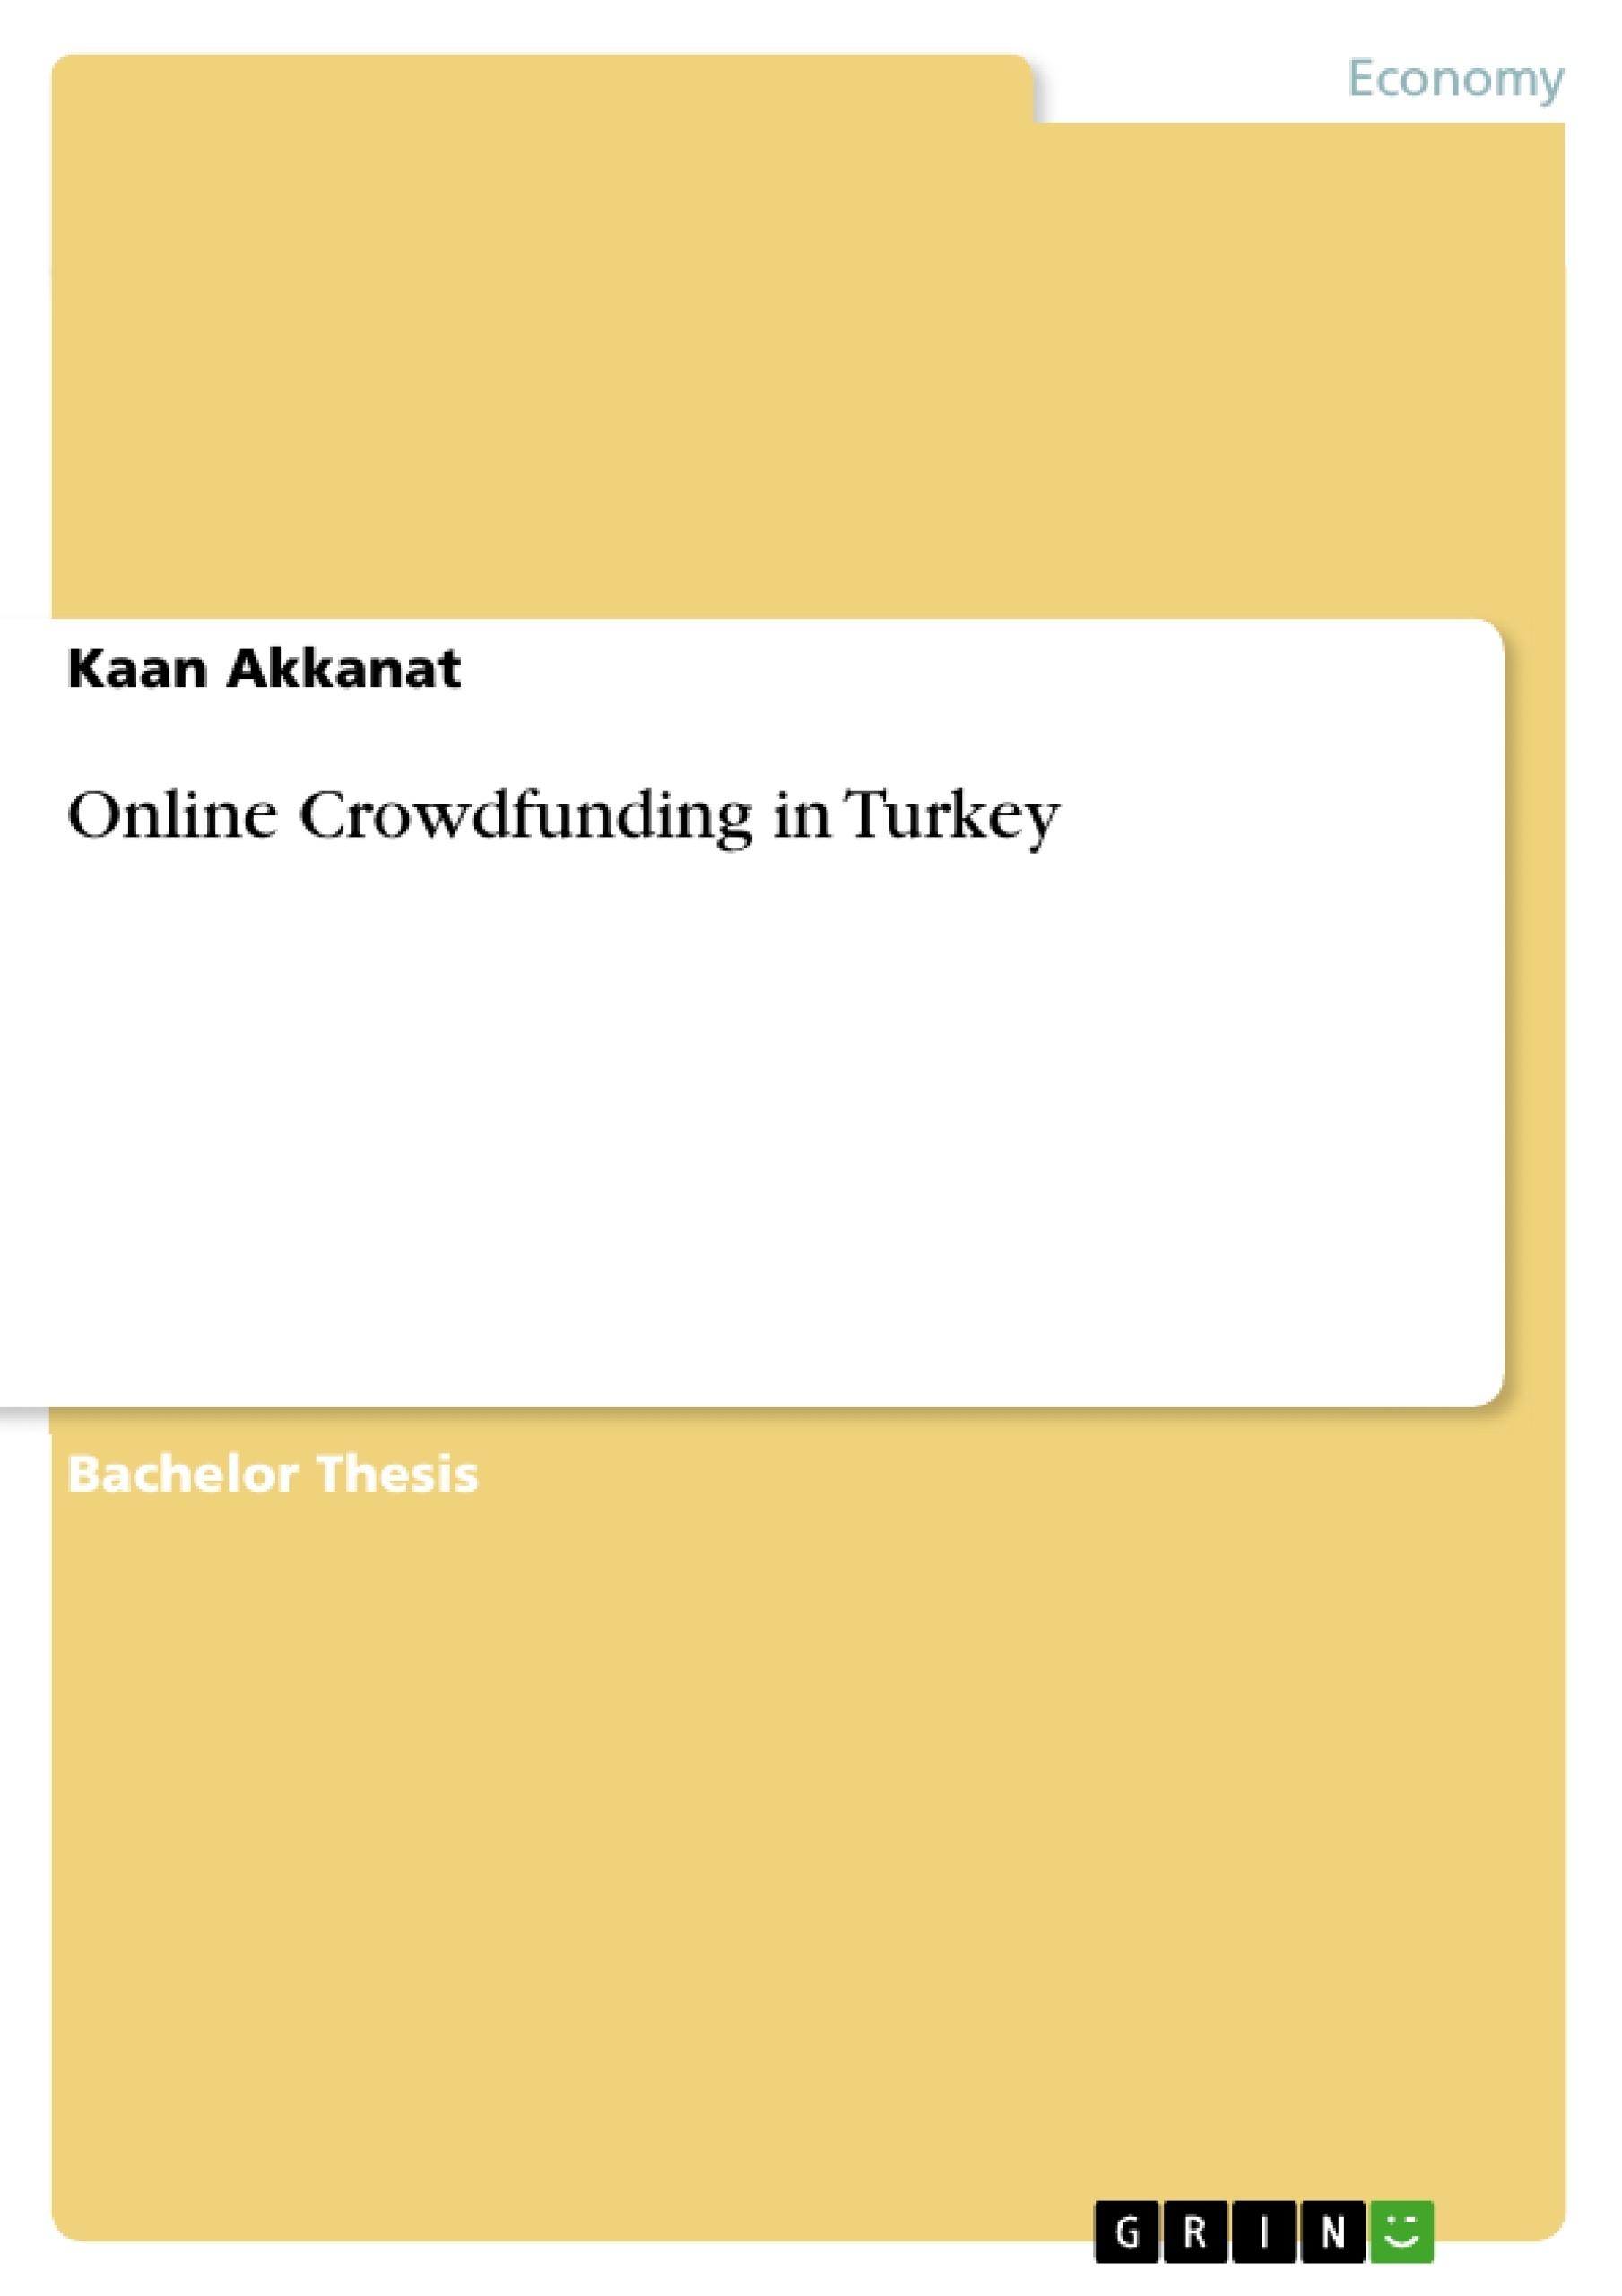 Title: Online Crowdfunding in Turkey